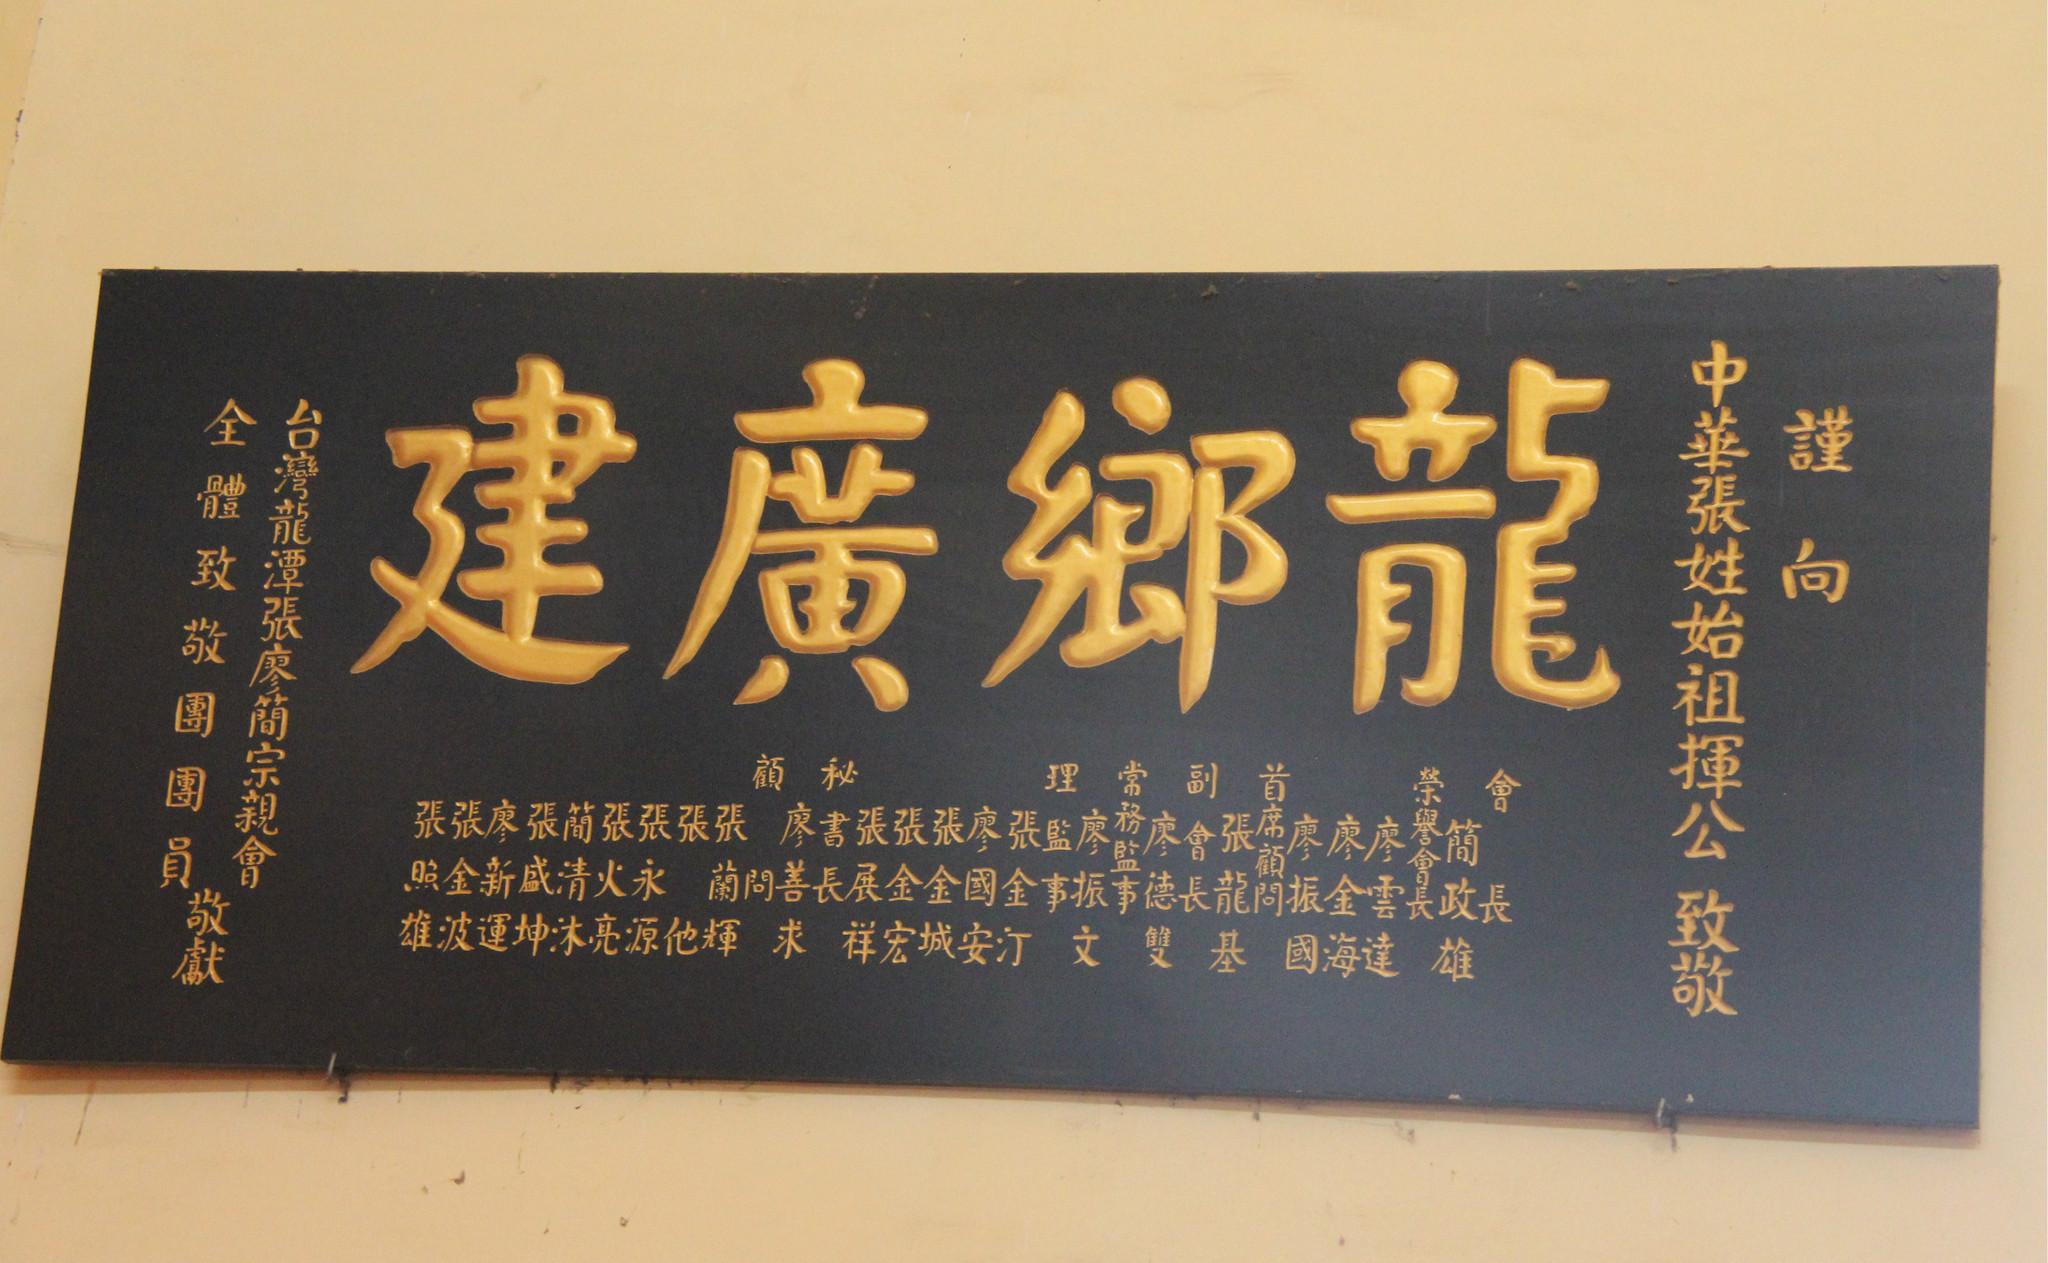 挥公陵舜帝宫简介绍(图文)